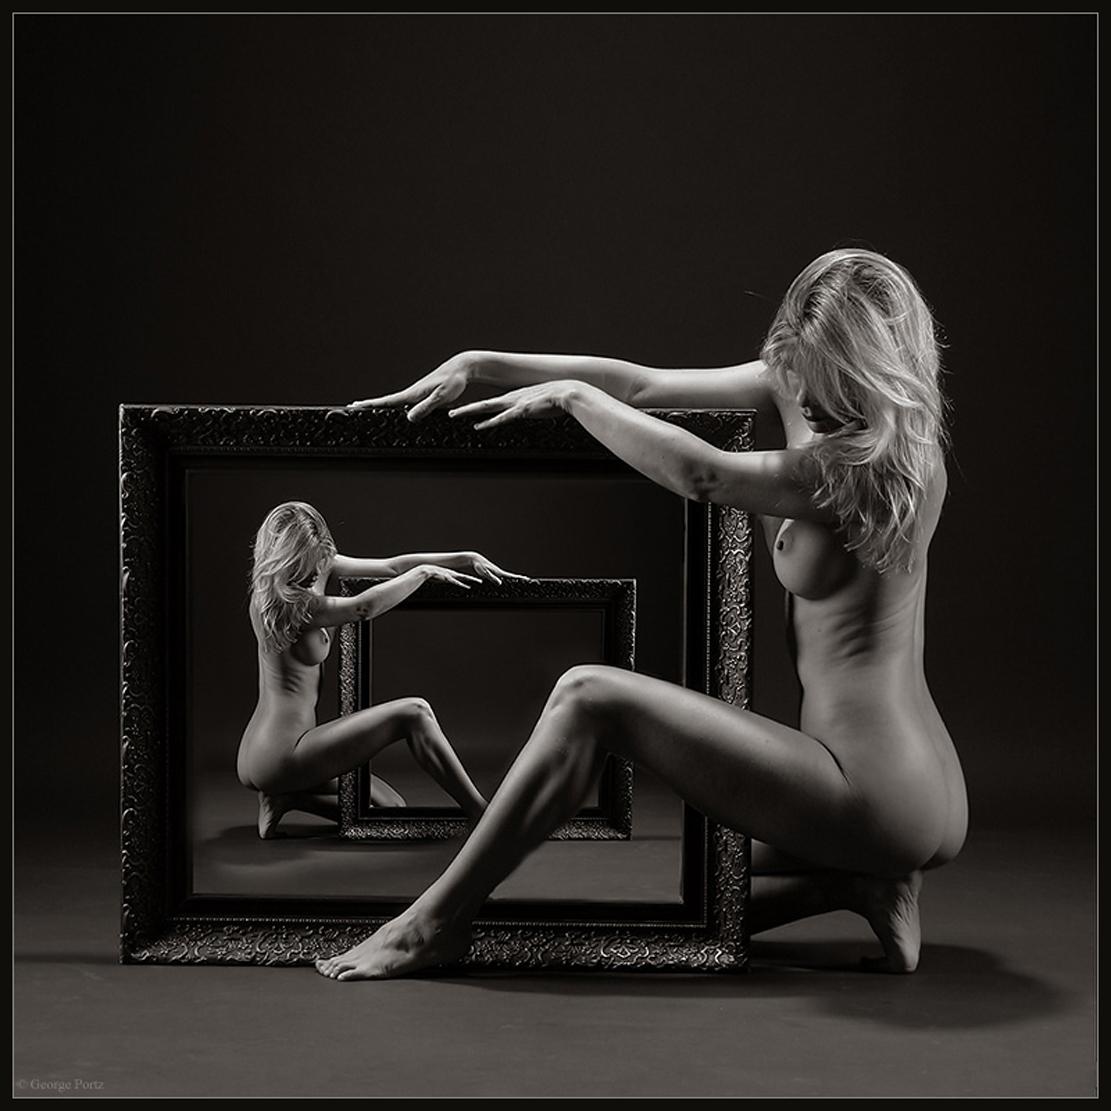 Черно белые фото обнаженных девушек 13 фотография